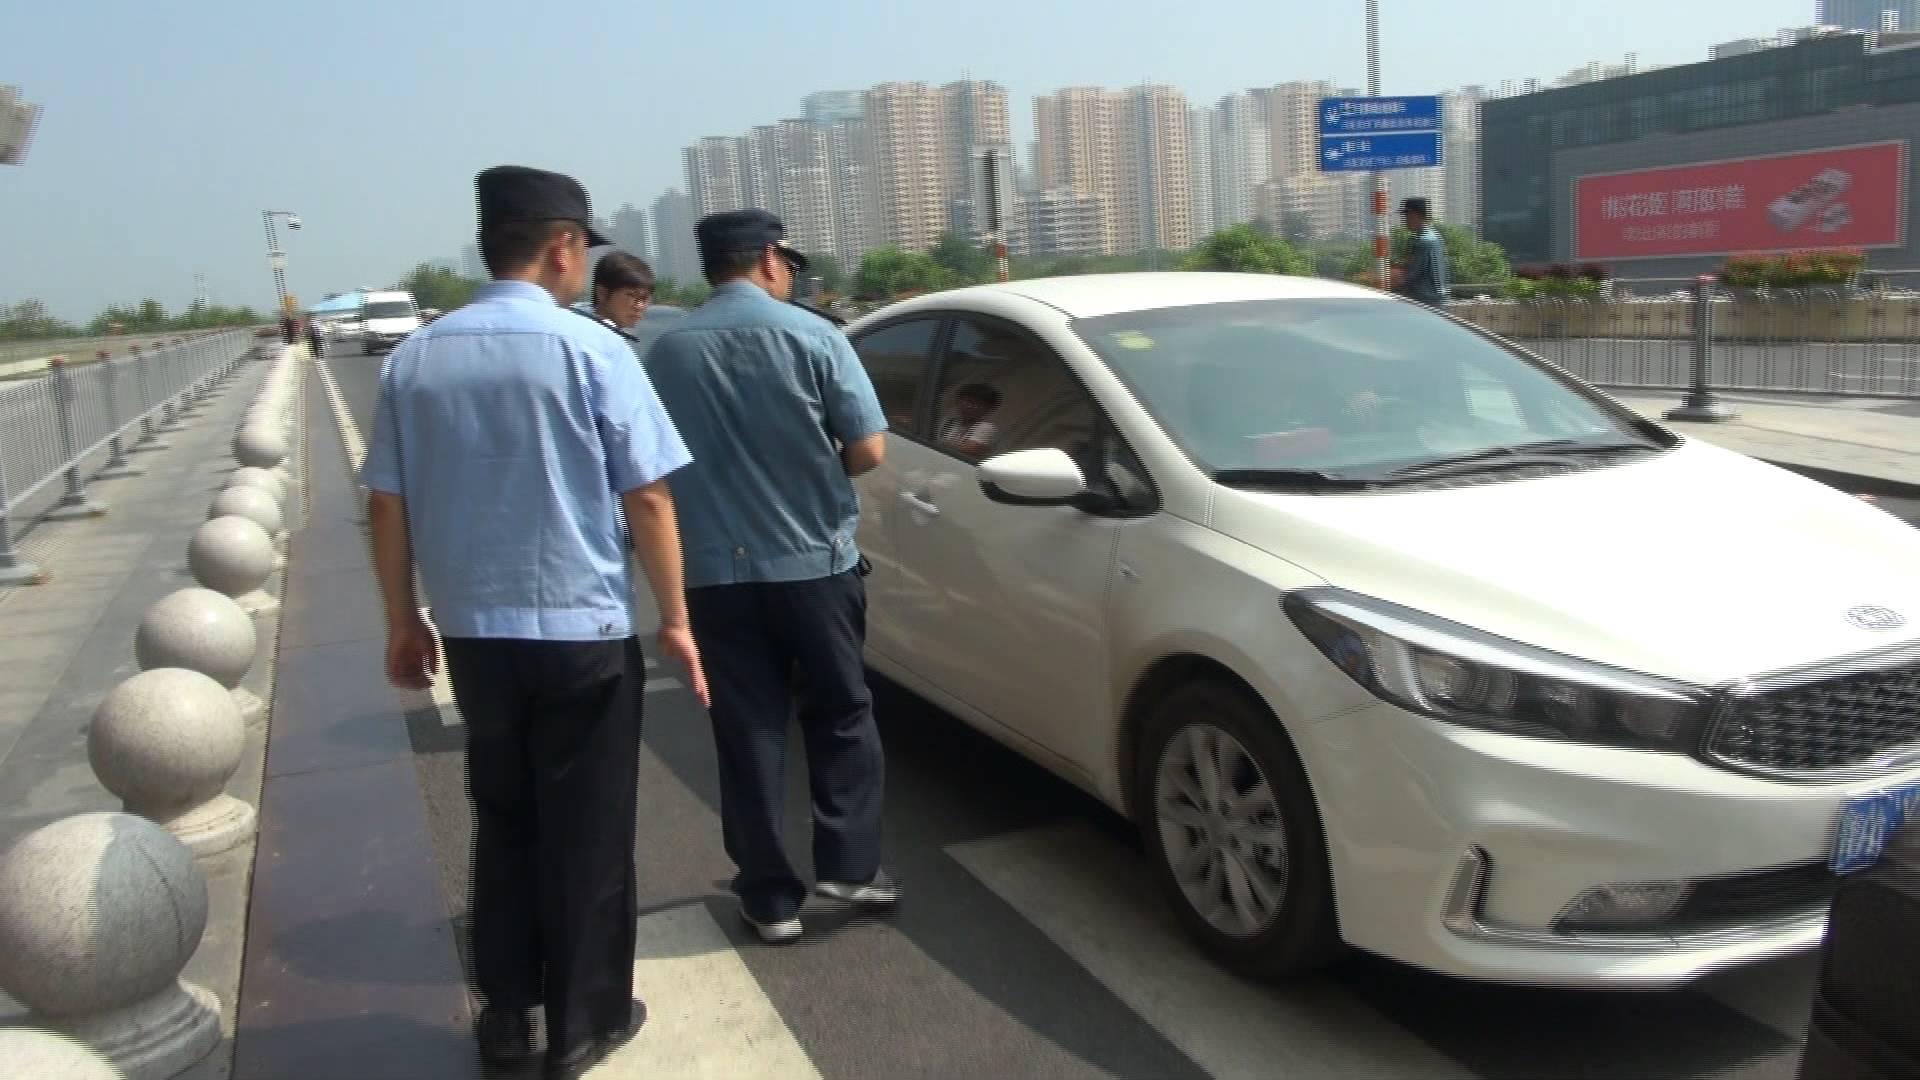 济南今起正式严查不合规网约车 首日13辆车被查